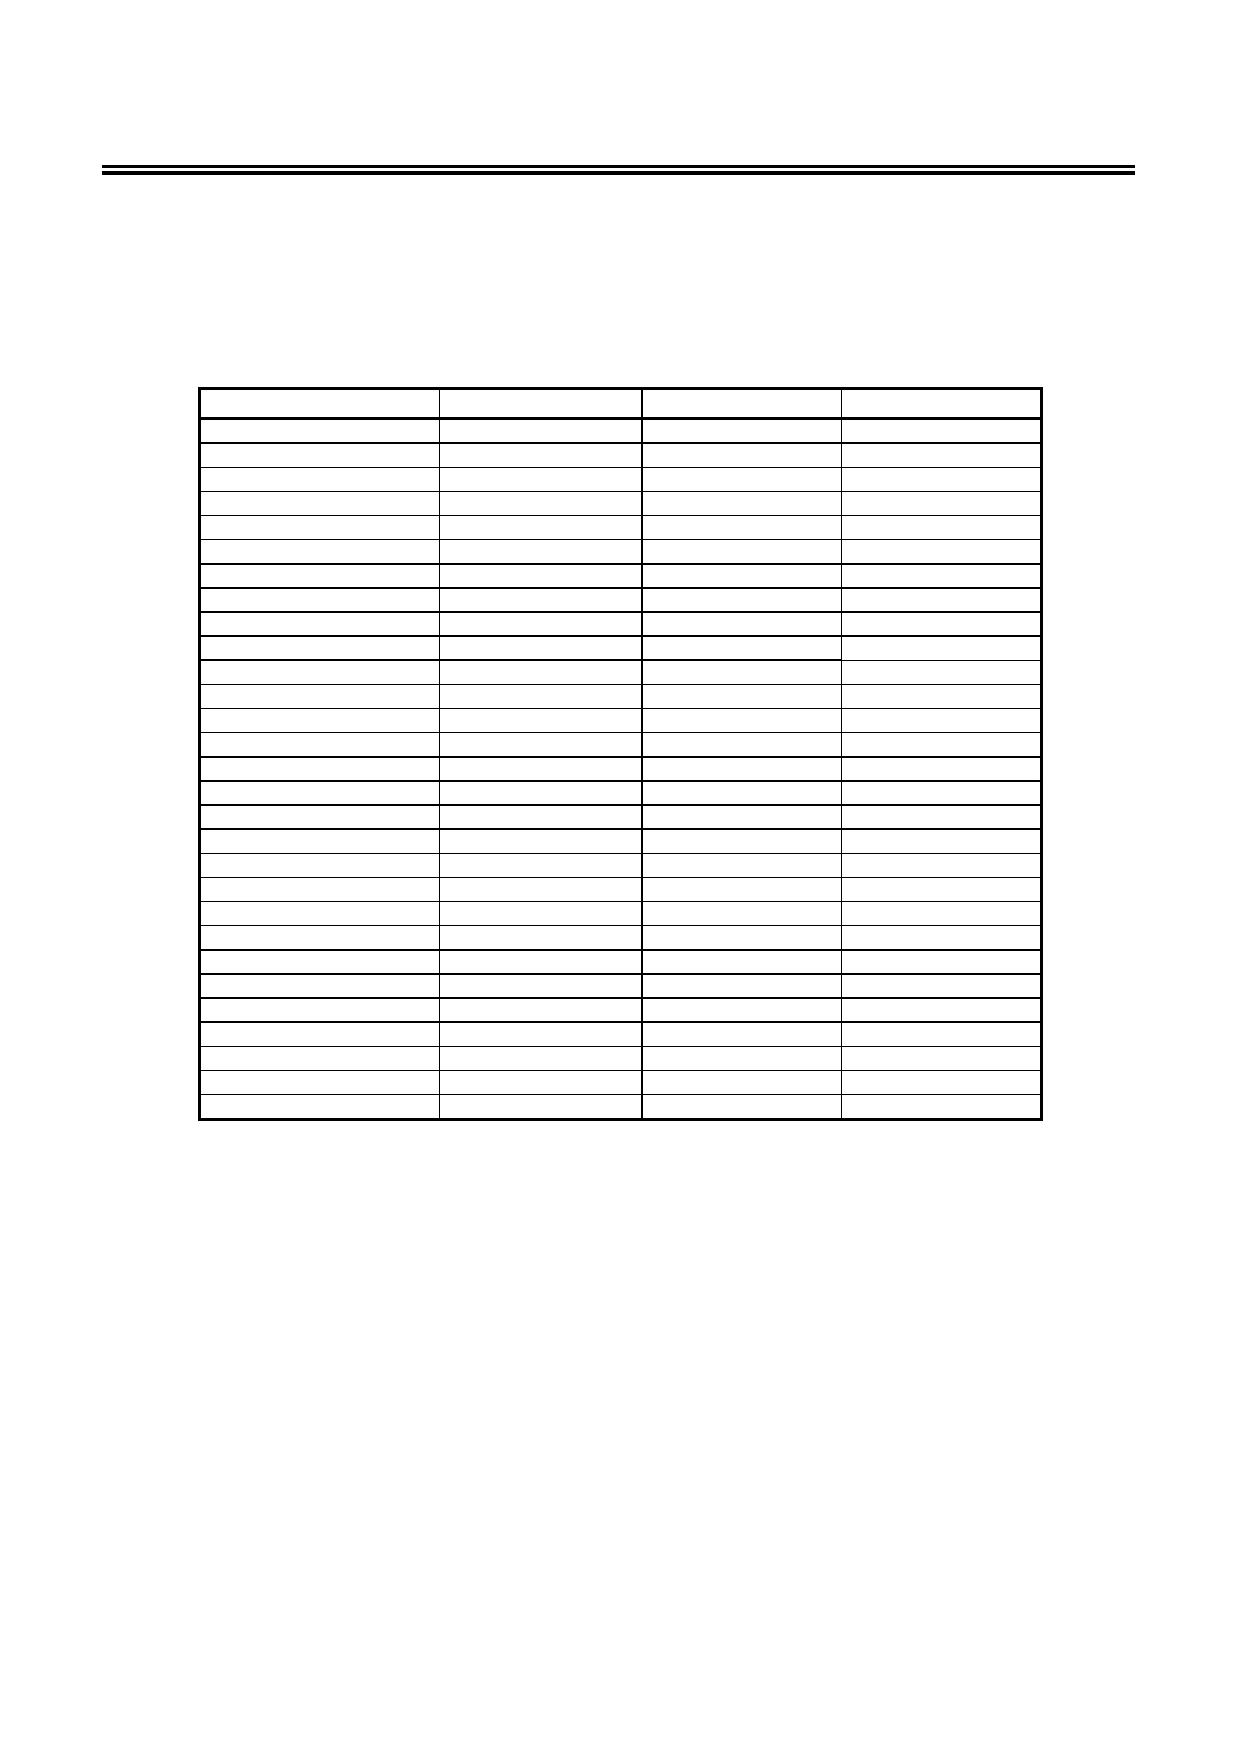 S-1312 pdf